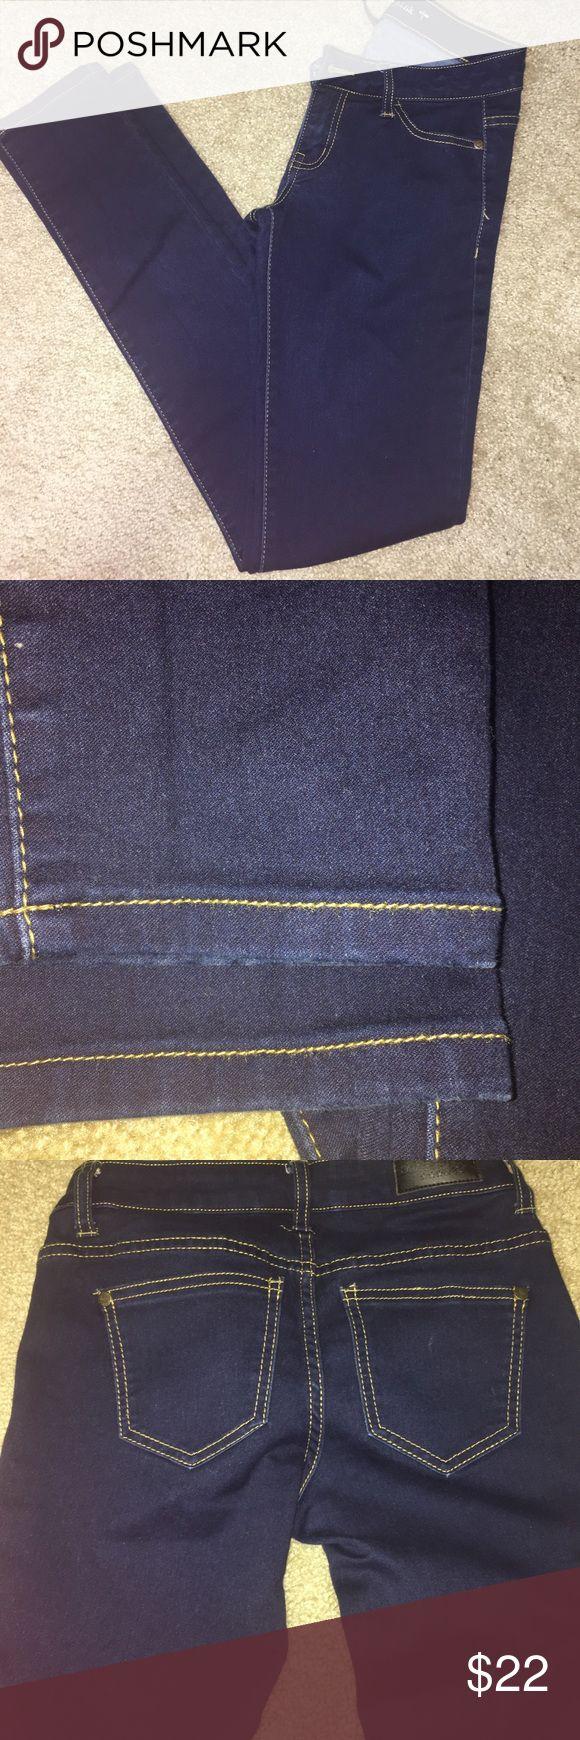 Celebrity Pink Jeans skinny leg size 1 NWOT NWOT Celebrity Pink Jeans size 1, skinny leg. These are brand new. Celebrity Pink Jeans Skinny